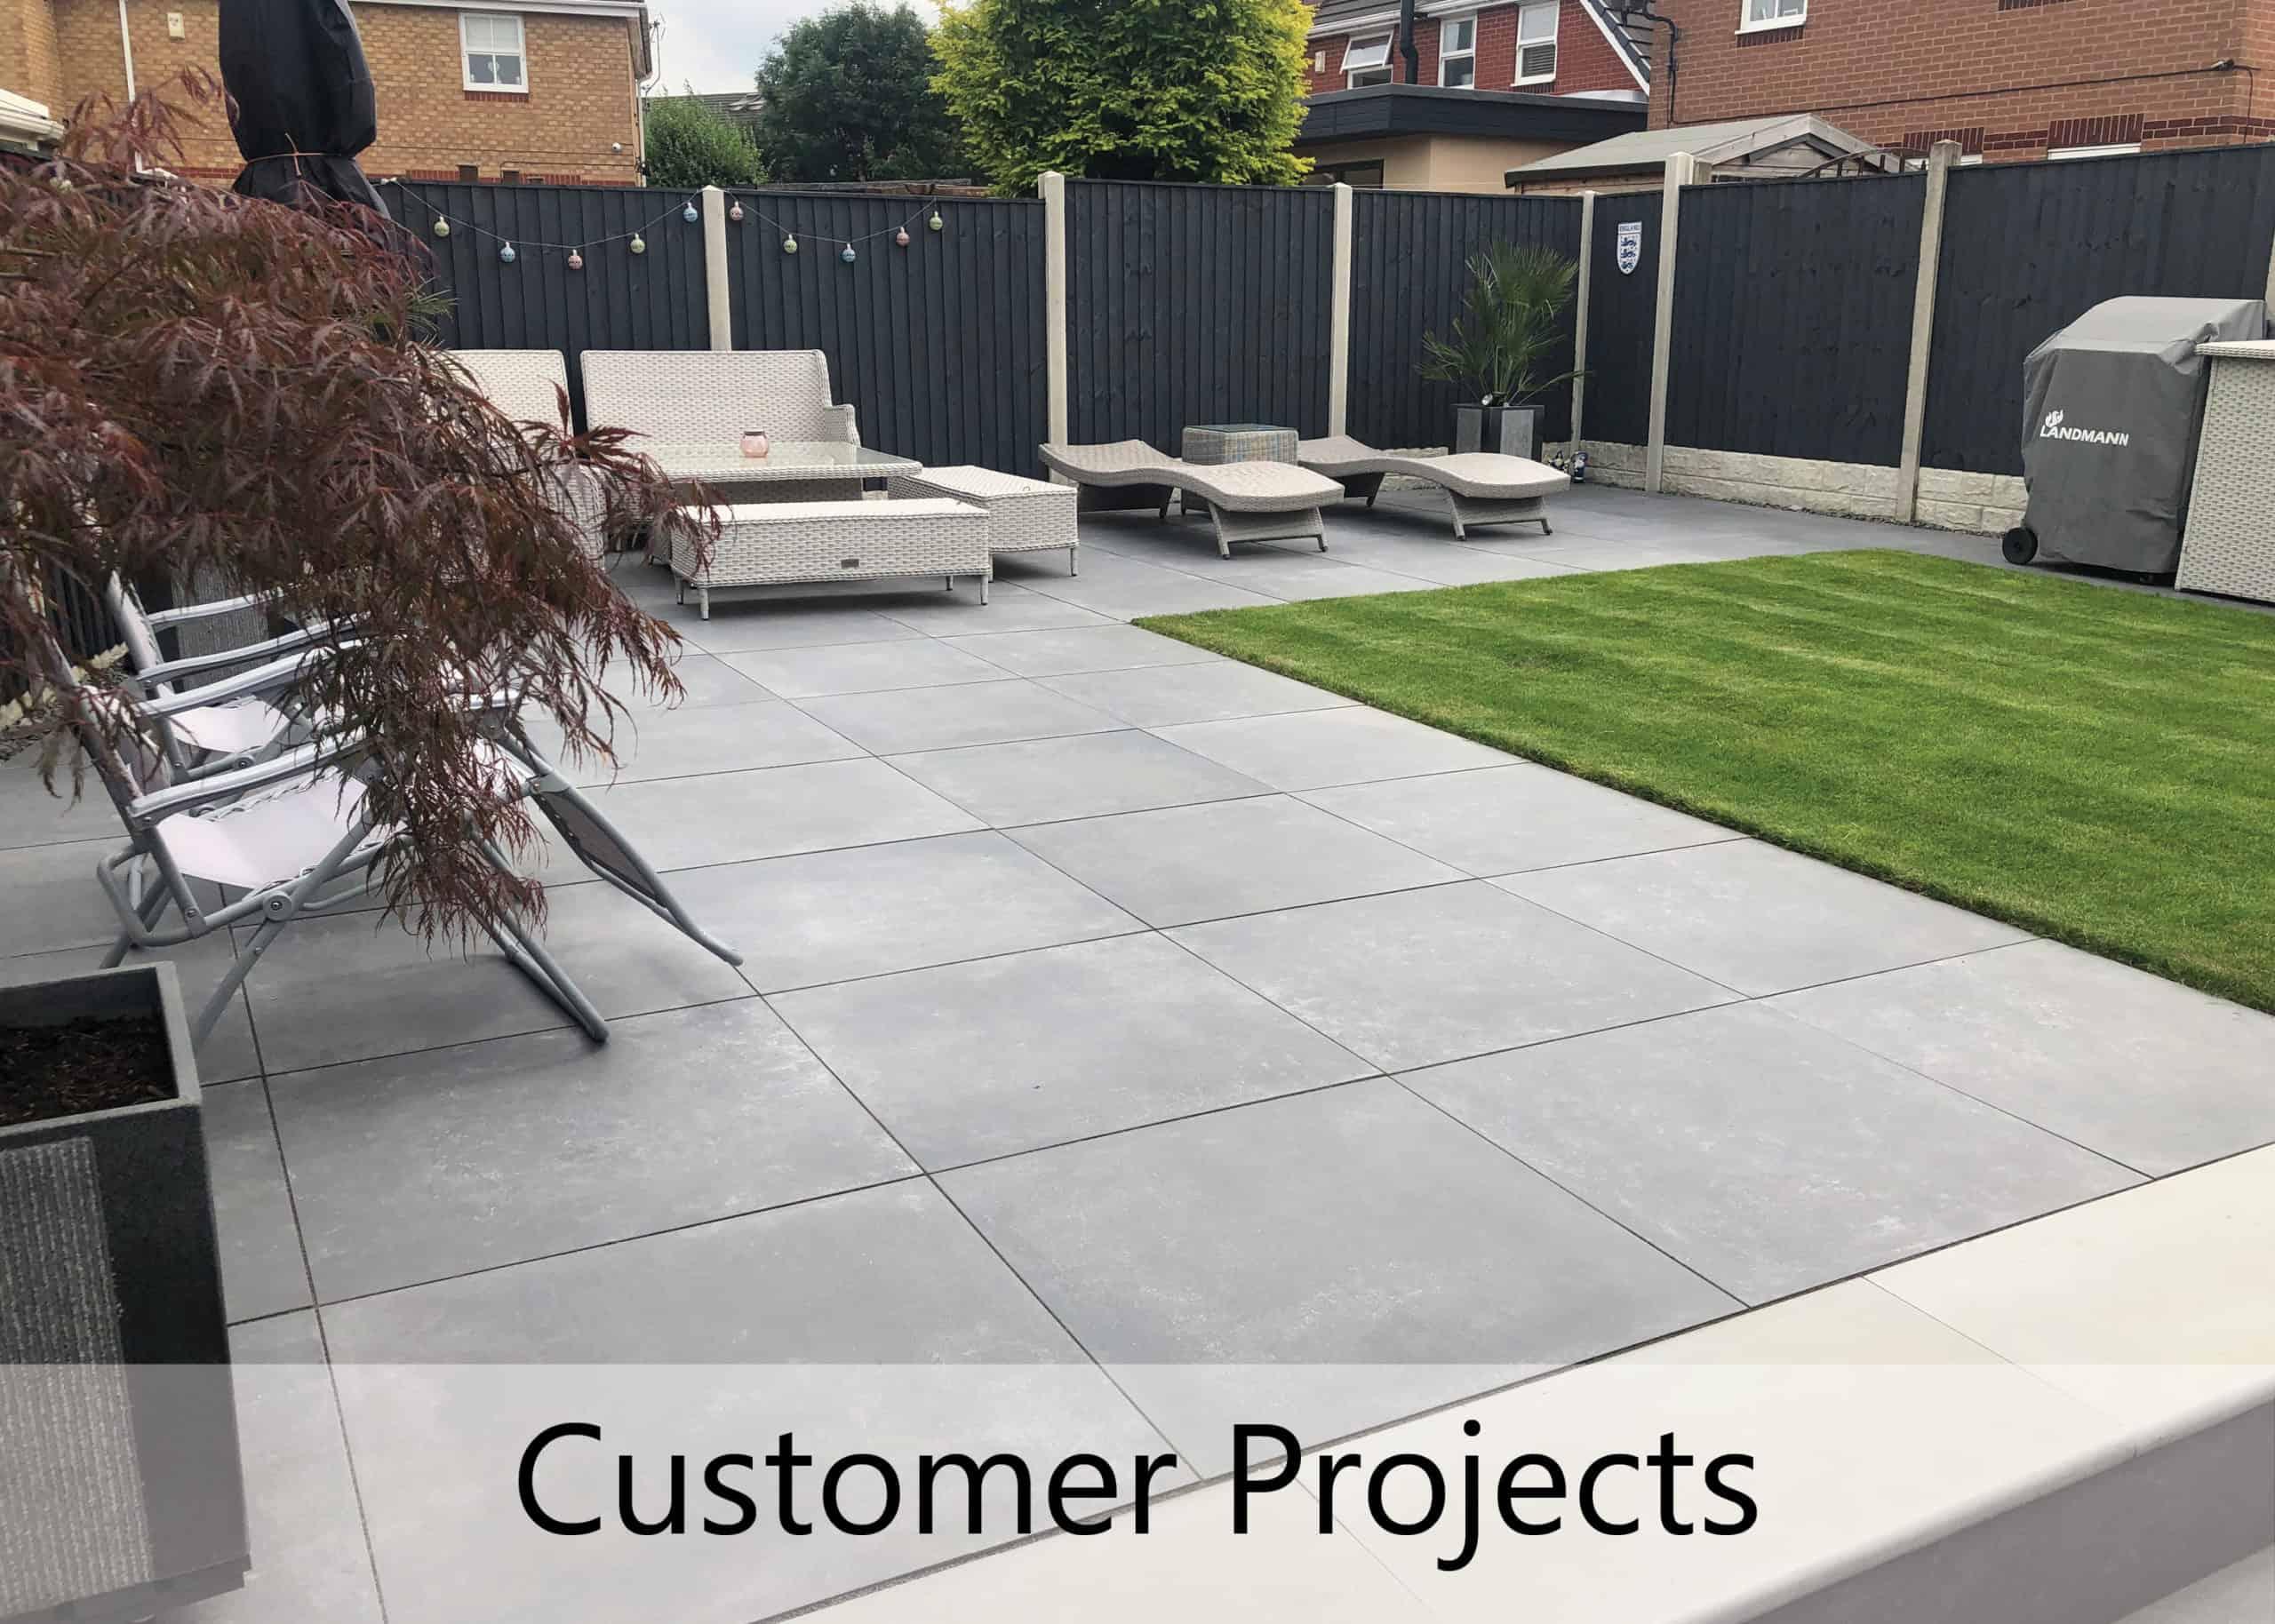 emc tiles customer projects outdoor 20mm kitchen bathroom